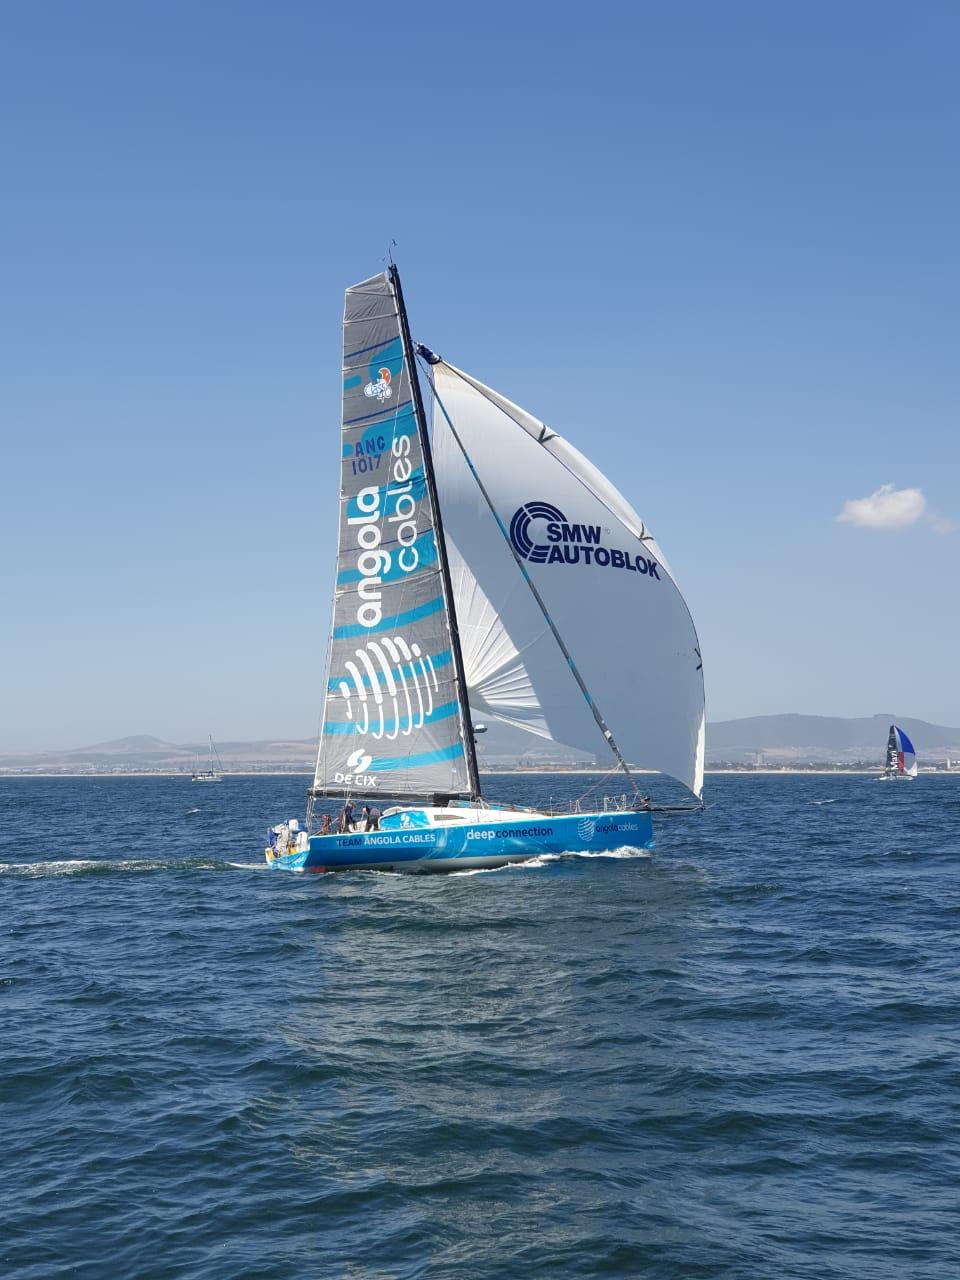 mussulo 40 cape2rio 2020 - boat shopping